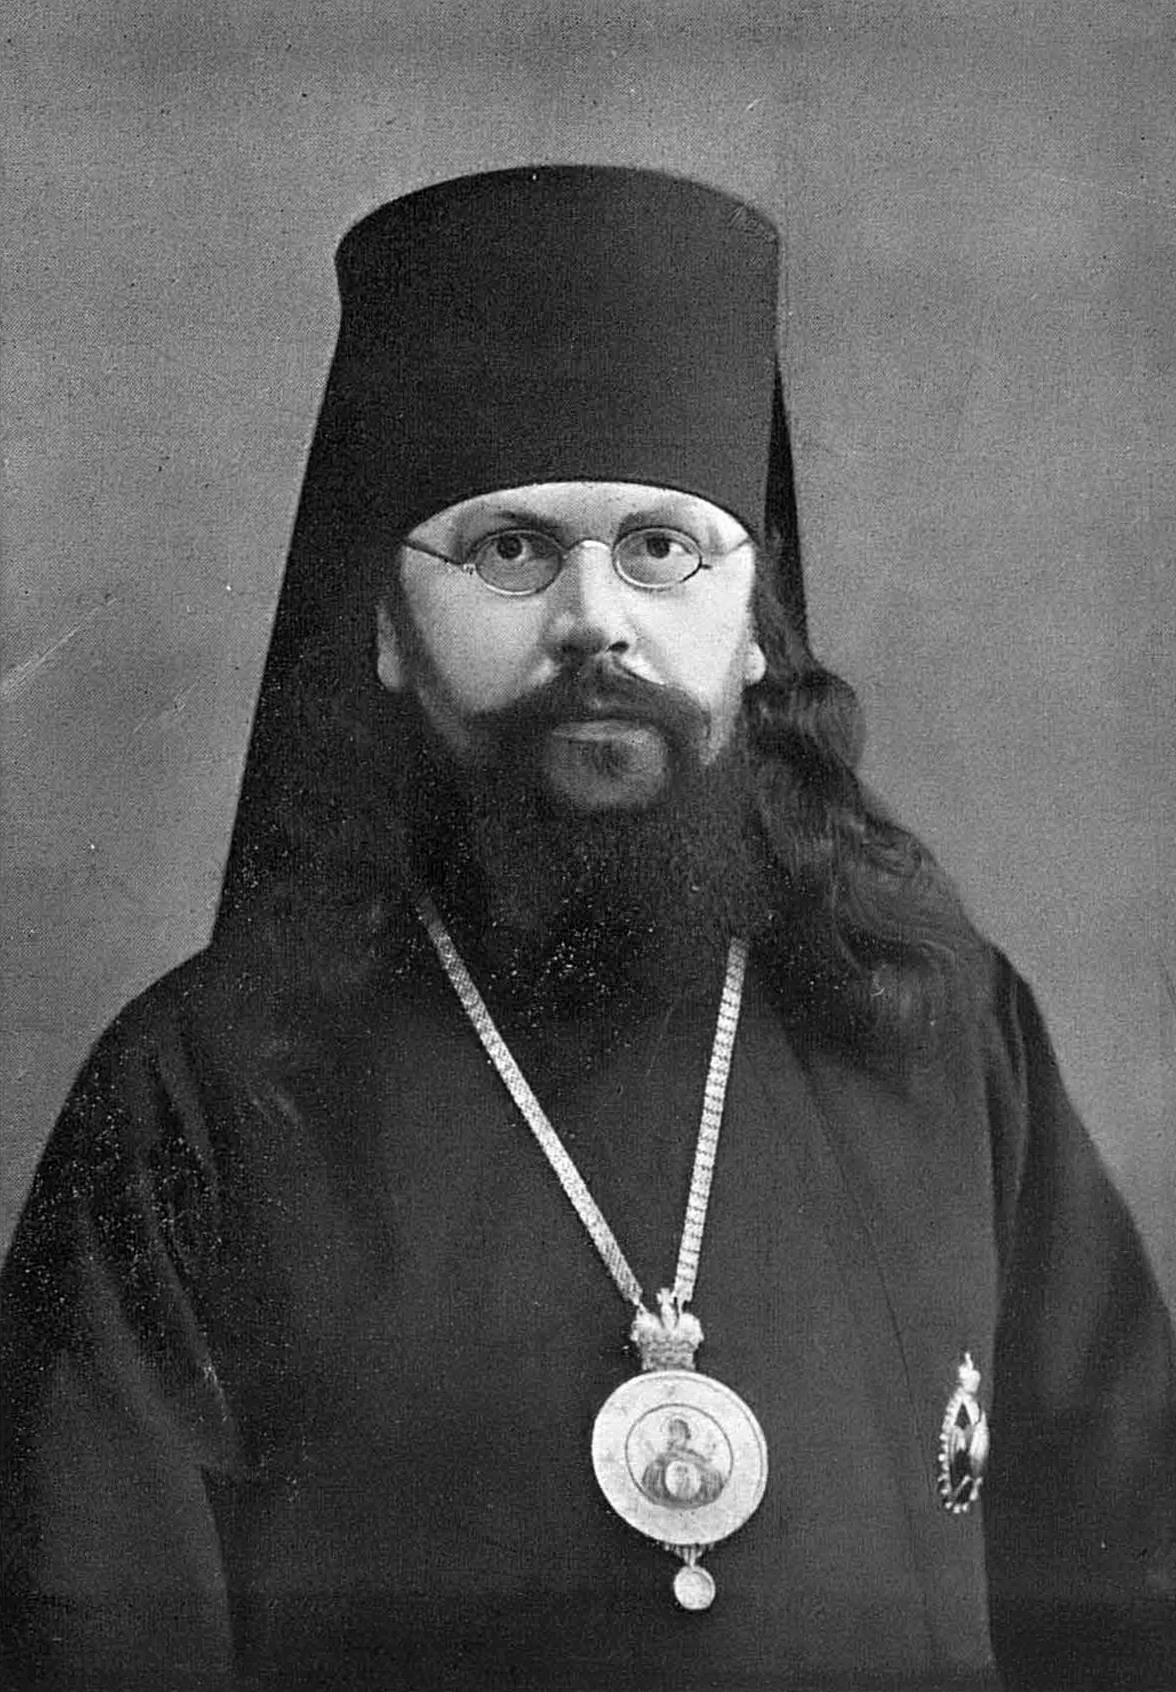 Епископ Орловский Серафим (Остроумов) (1880-1937 гг.).